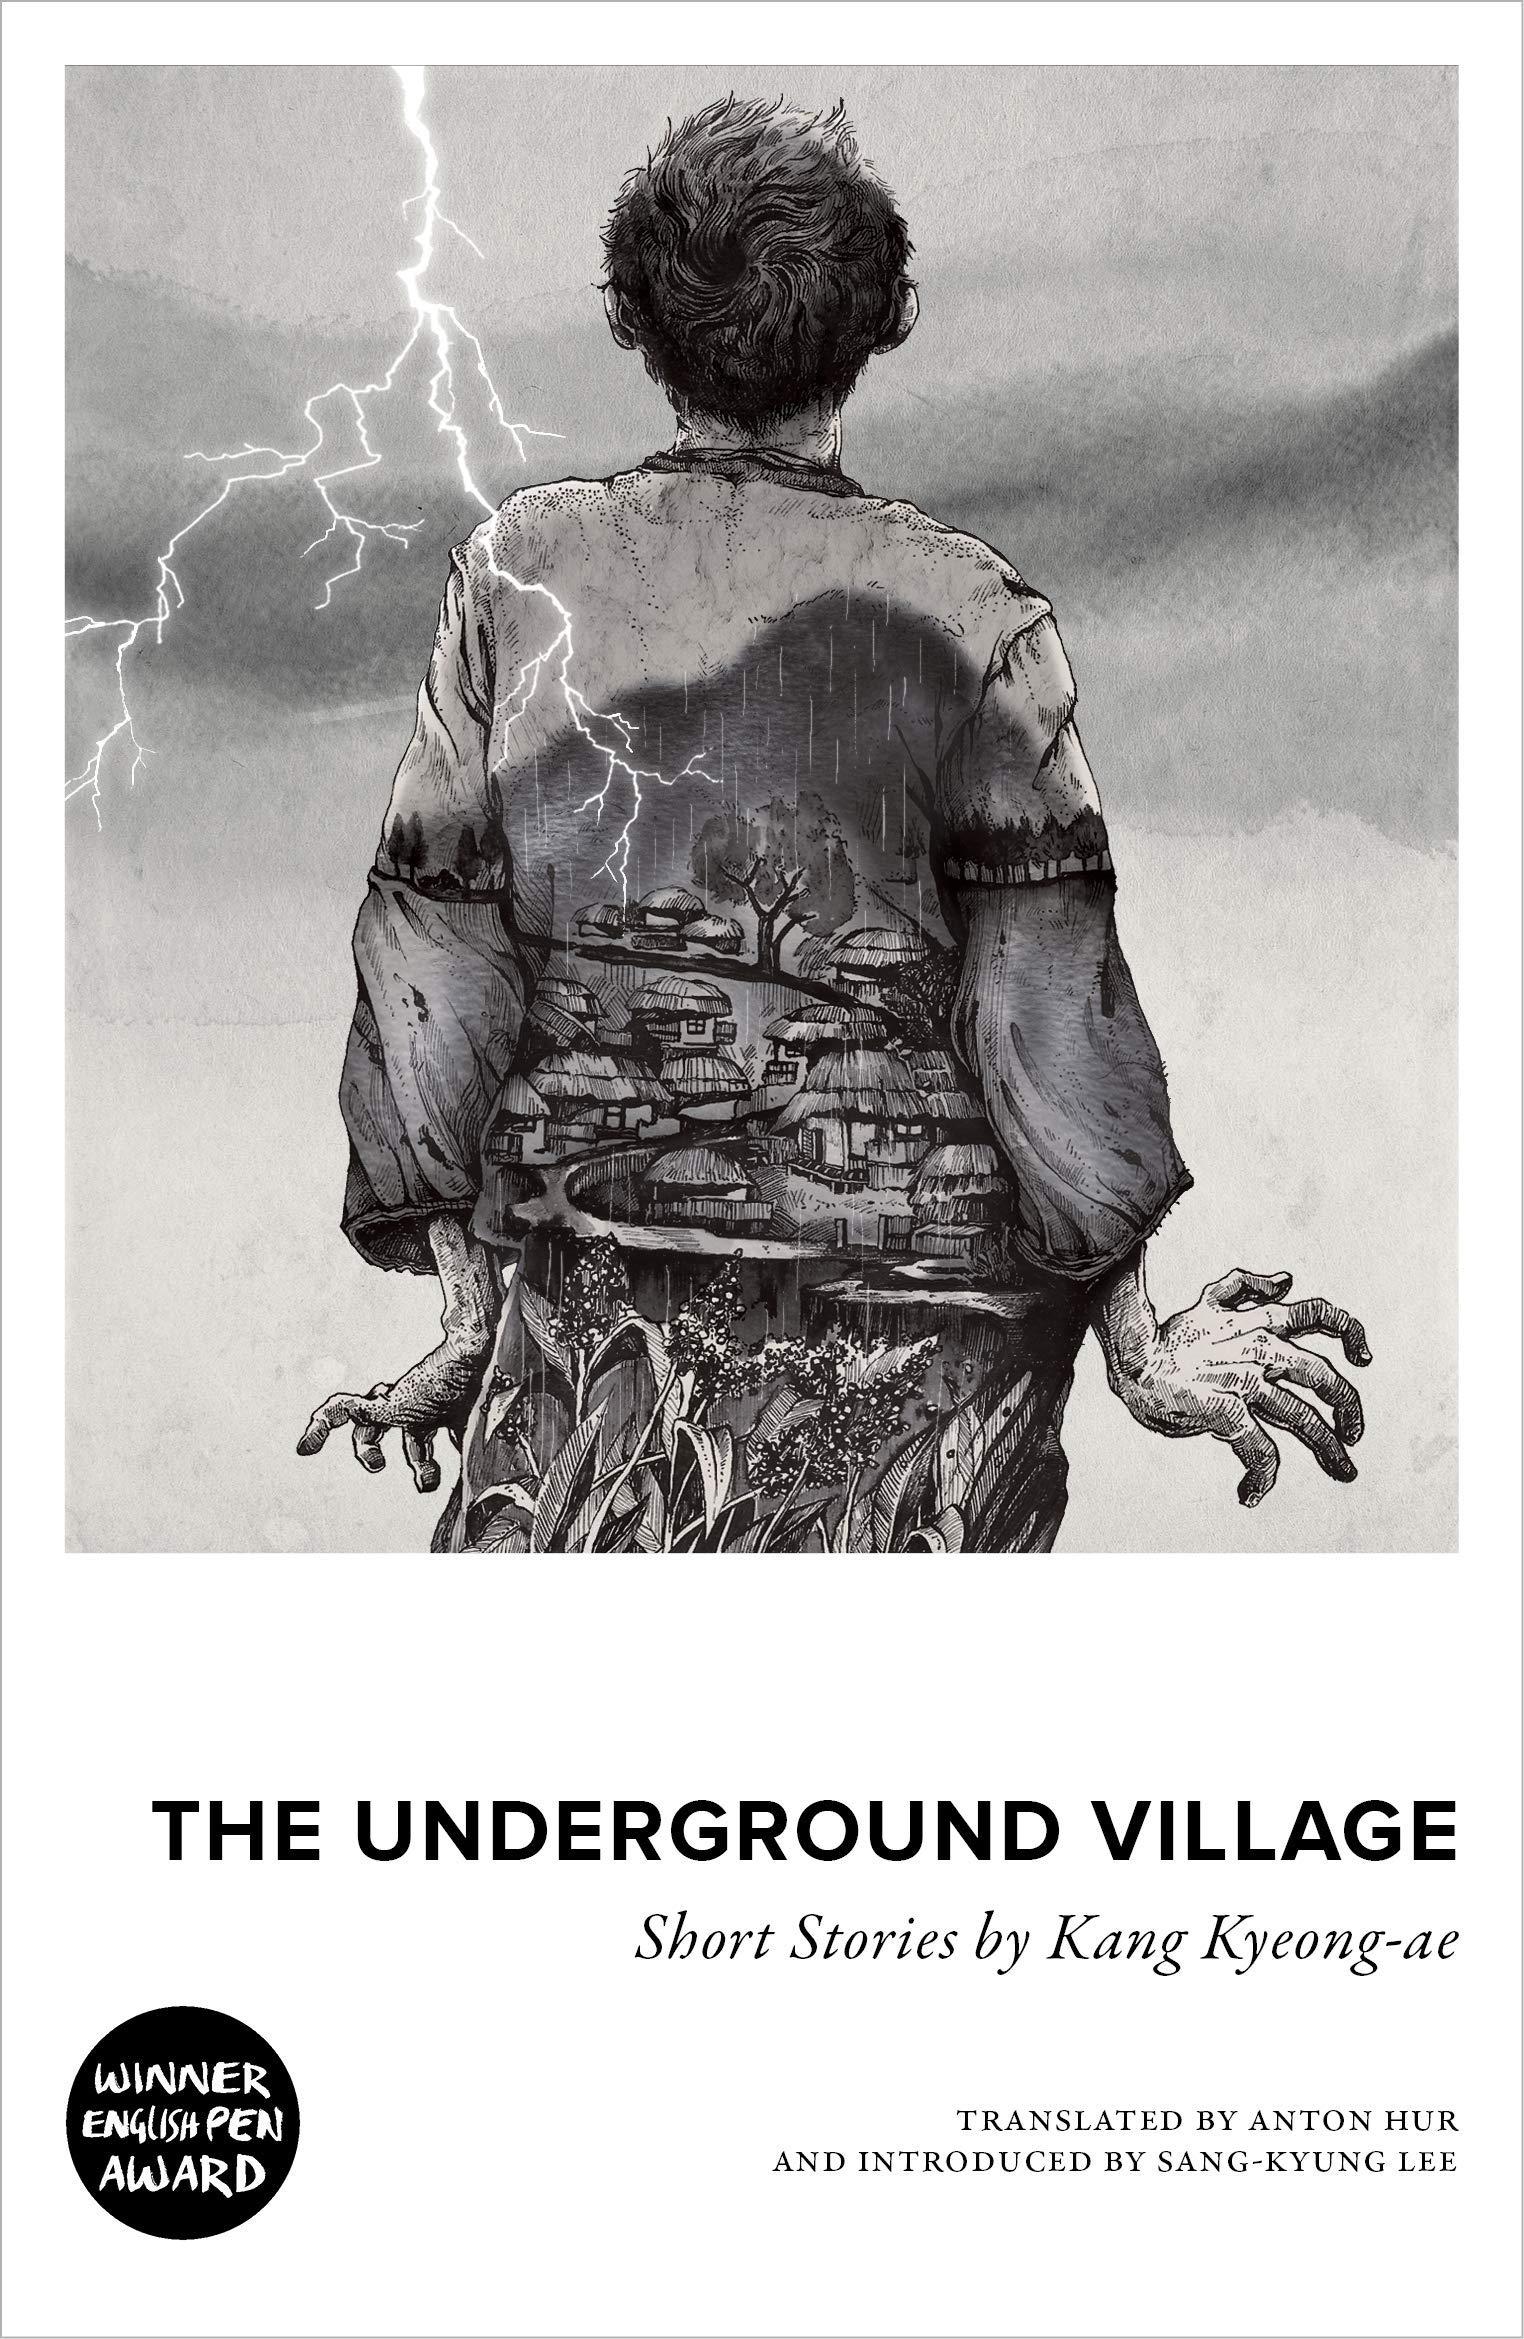 The Underground Village